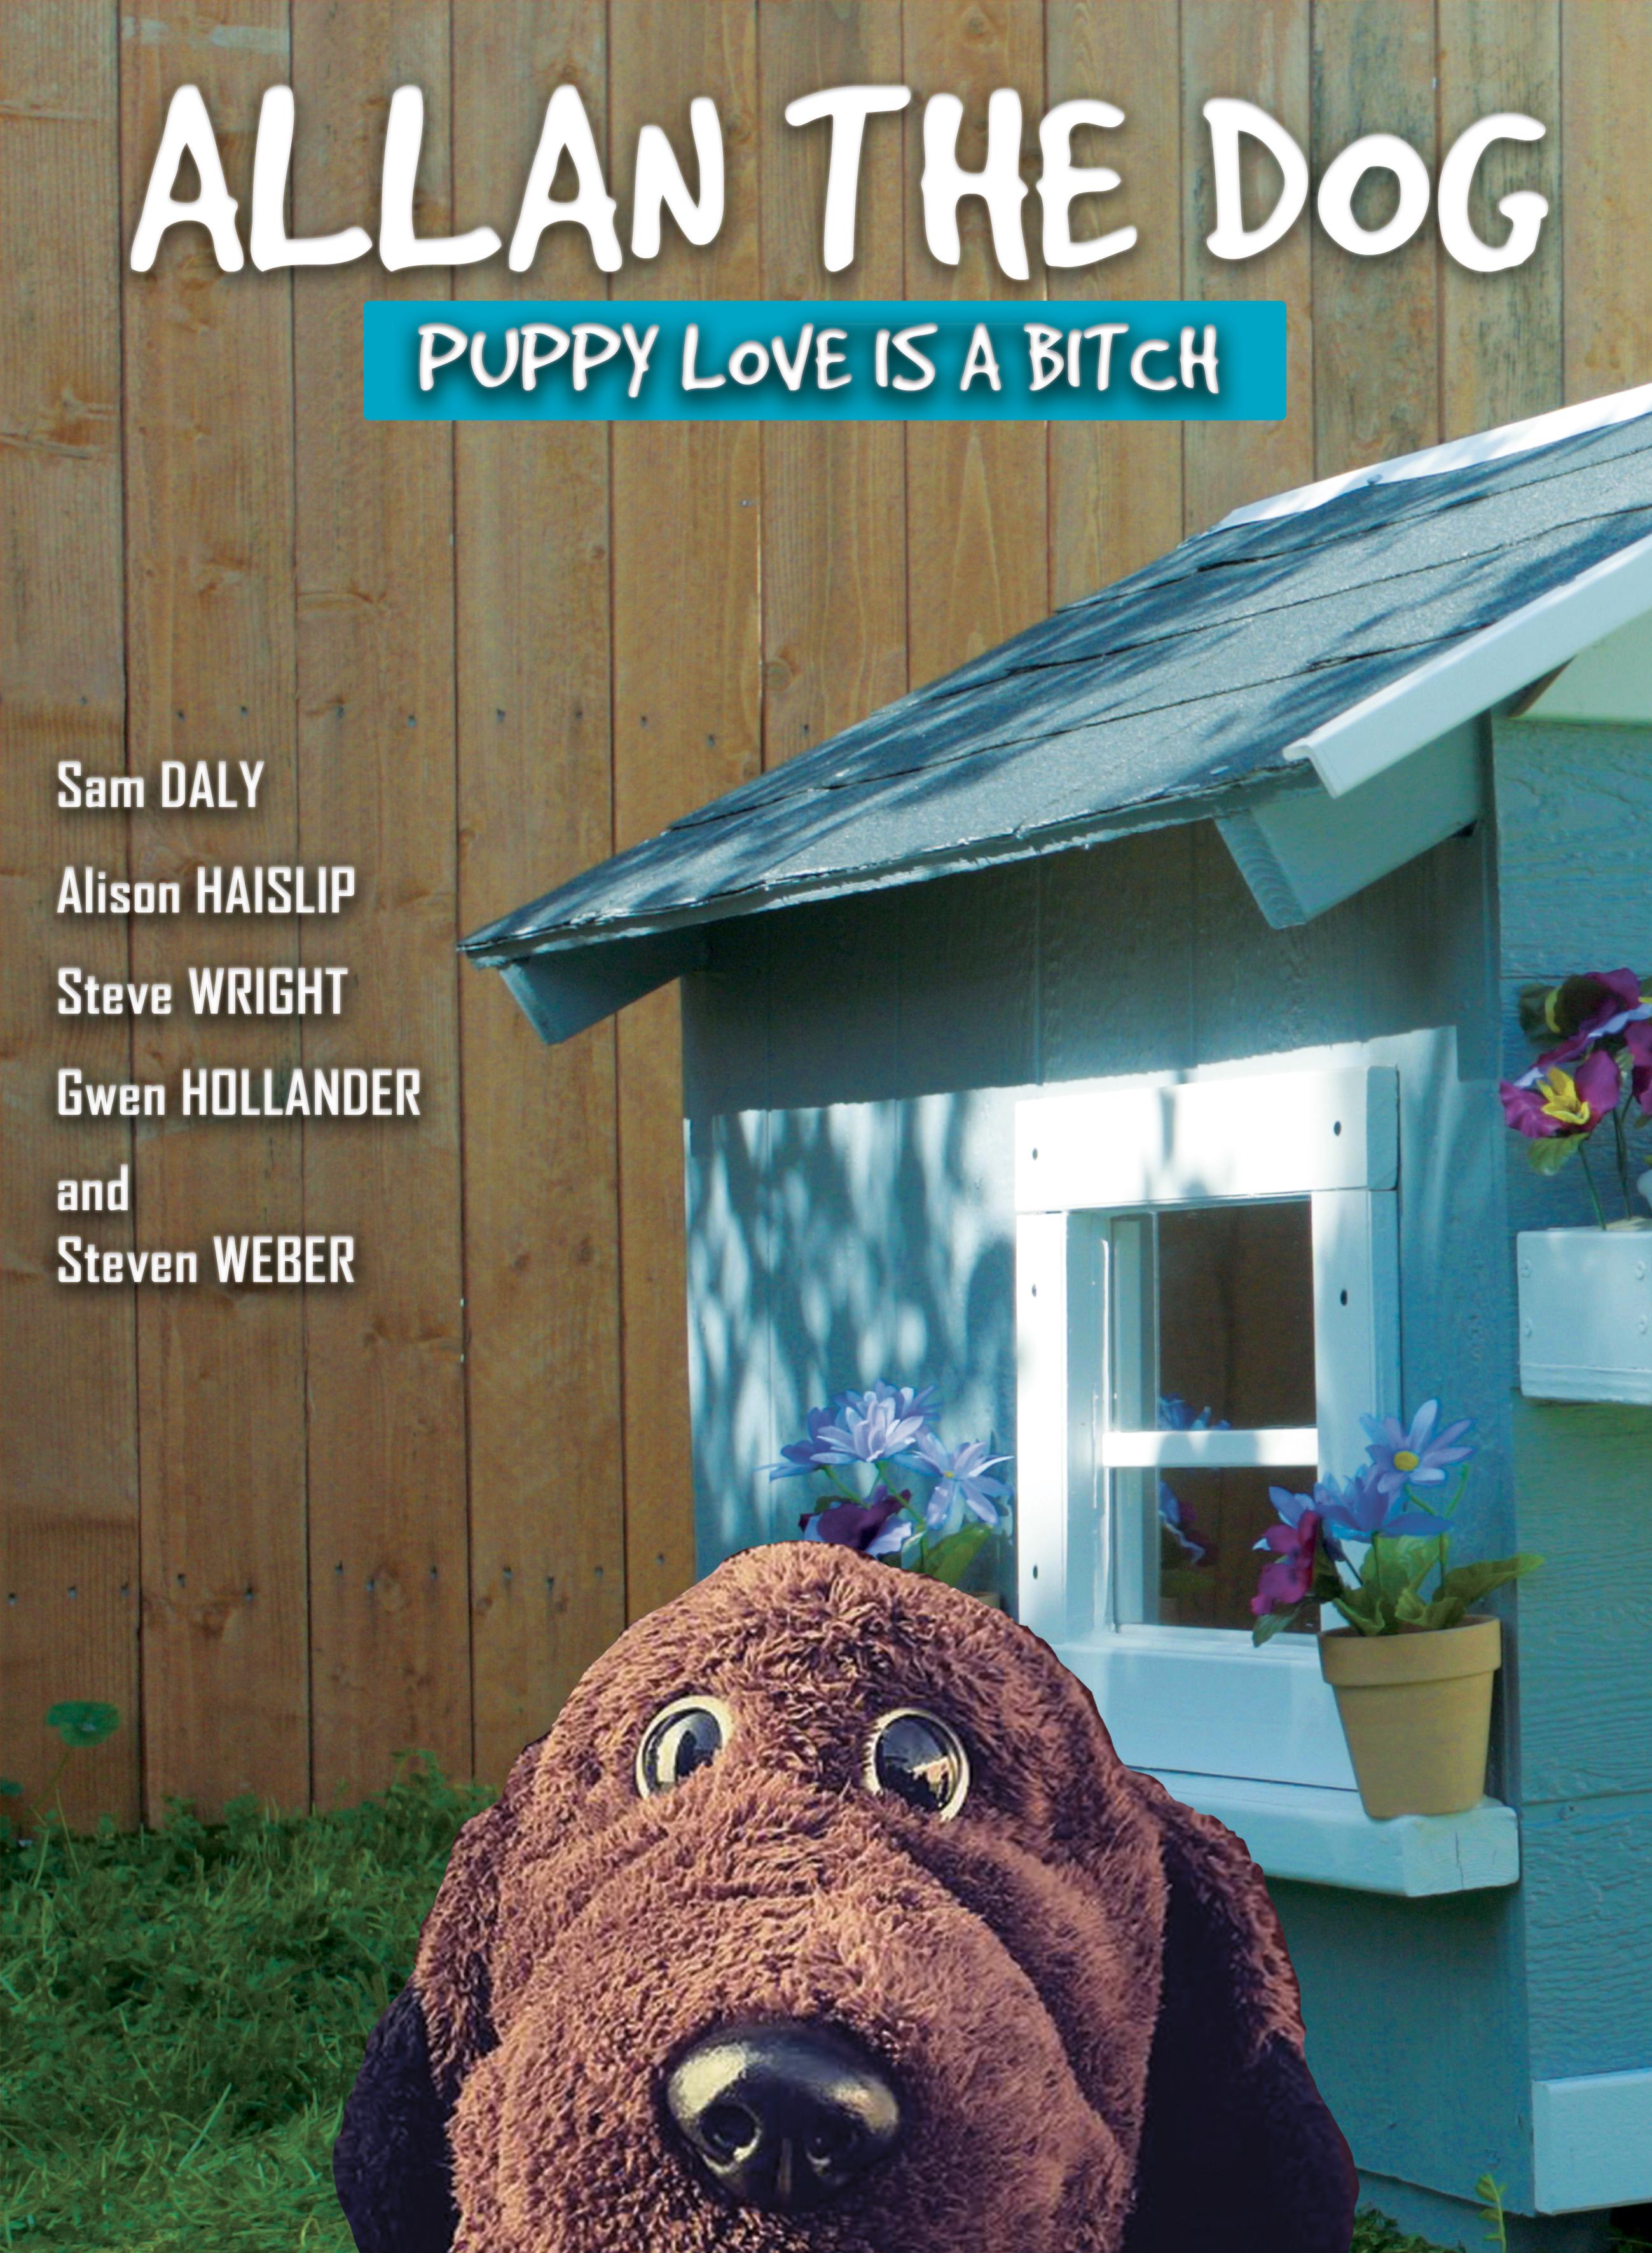 Allan the Dog (2020) - IMDb